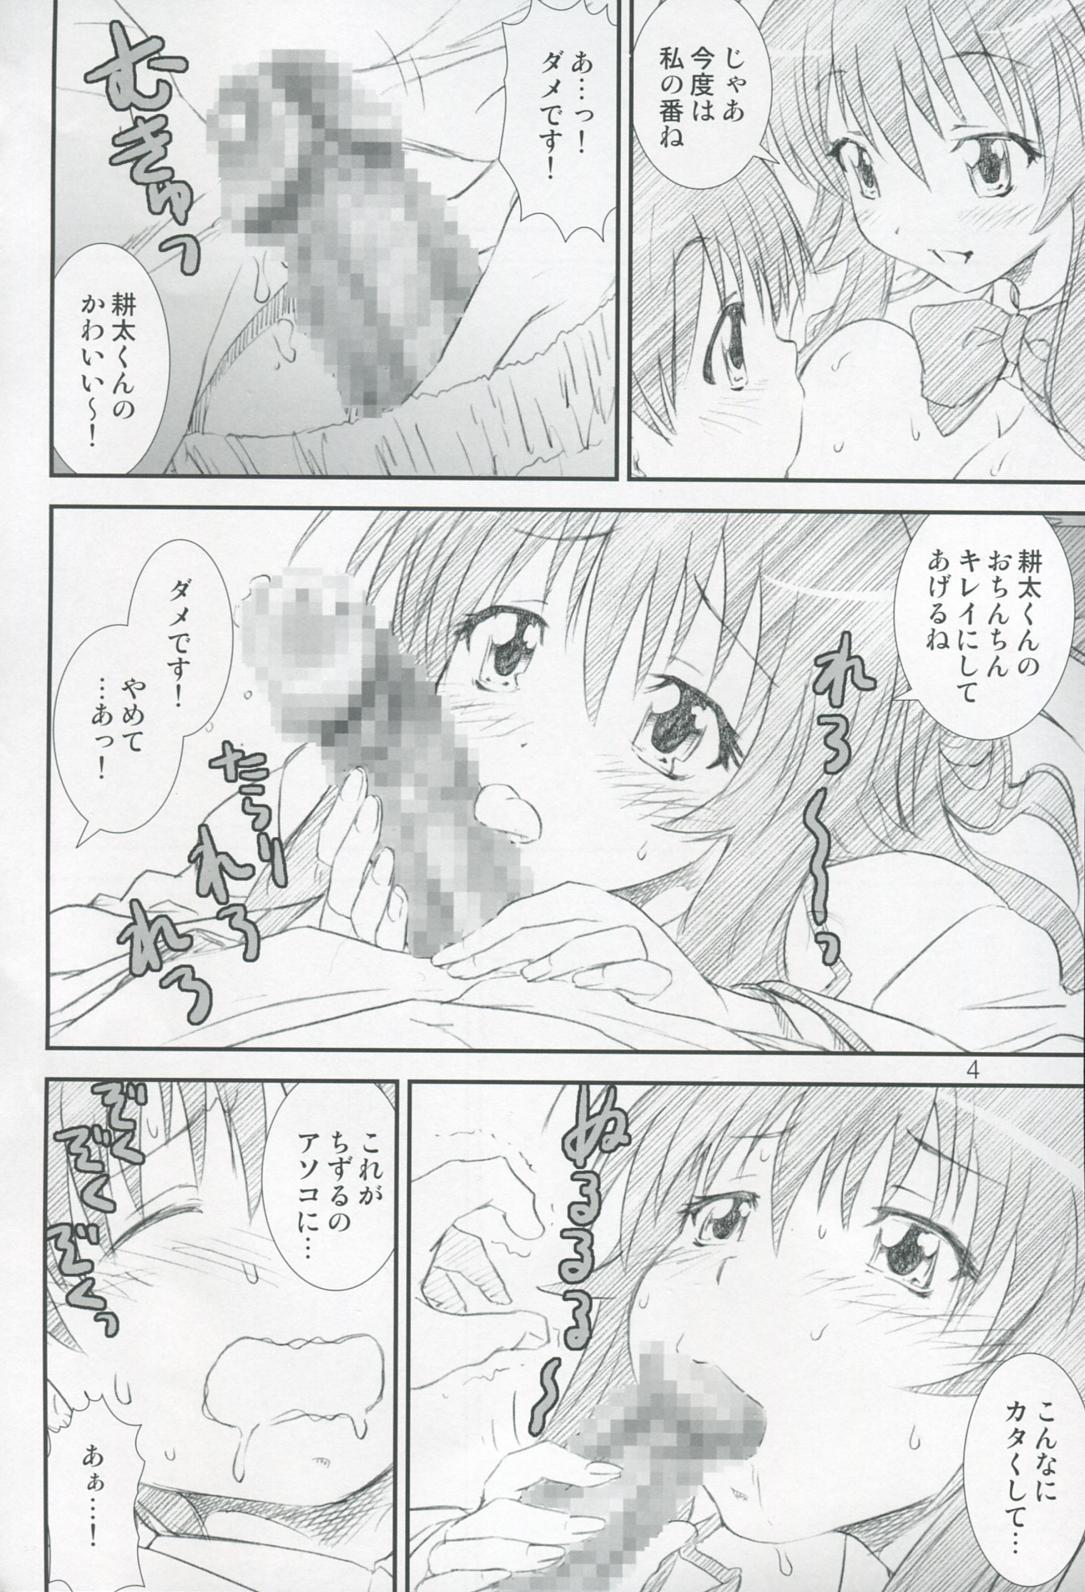 Kikan Yumi Ichirou Dai 9 Gou 2